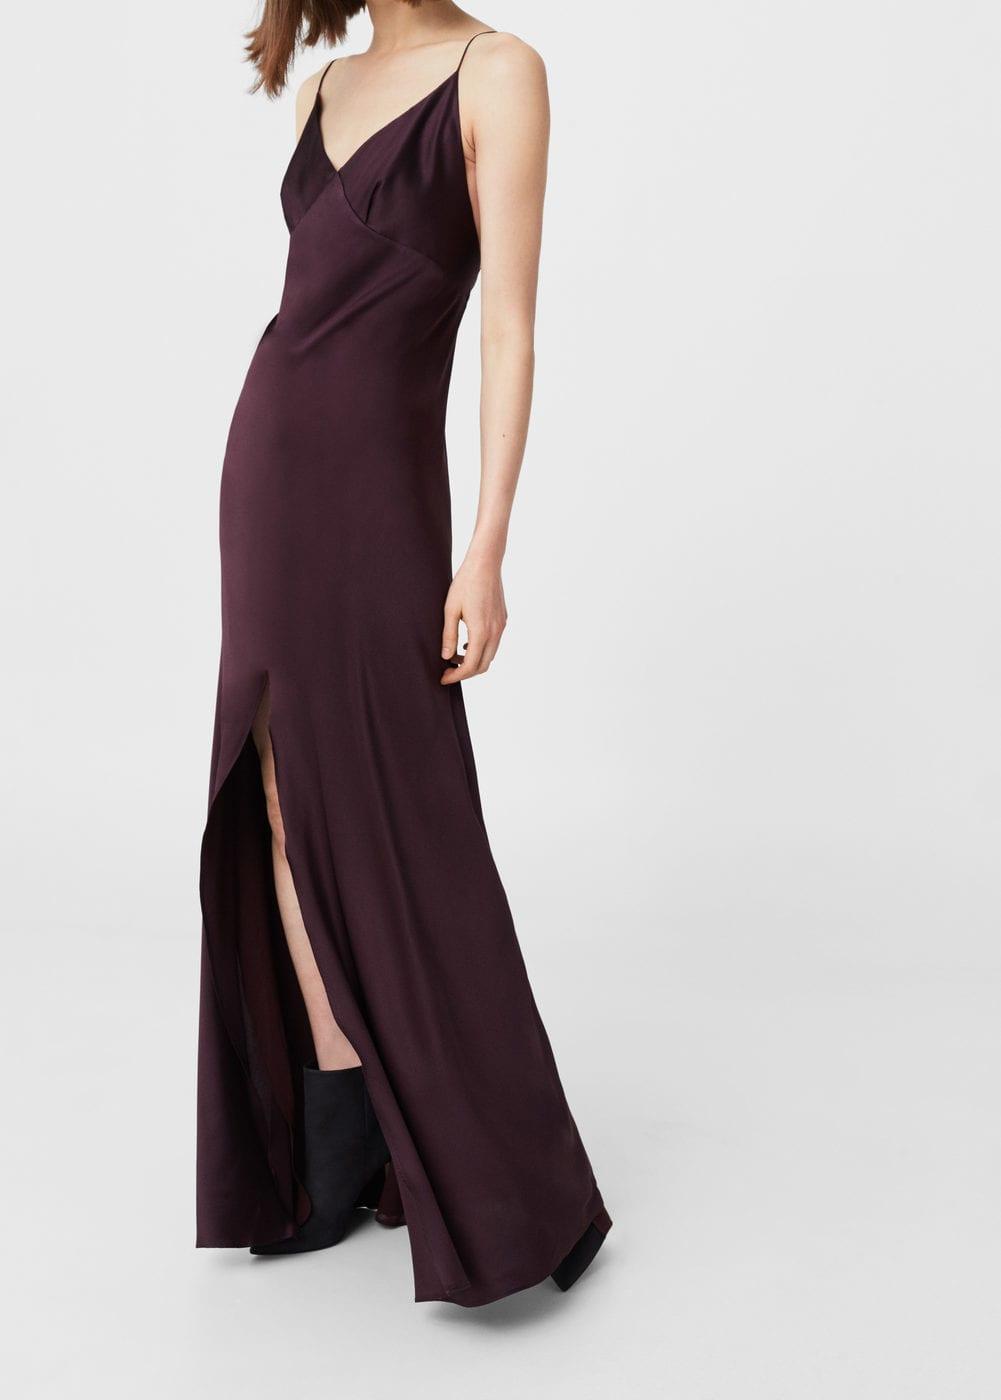 Vestidos Lenceros que podrás encontrar en Rebajas - vestido lencero largo